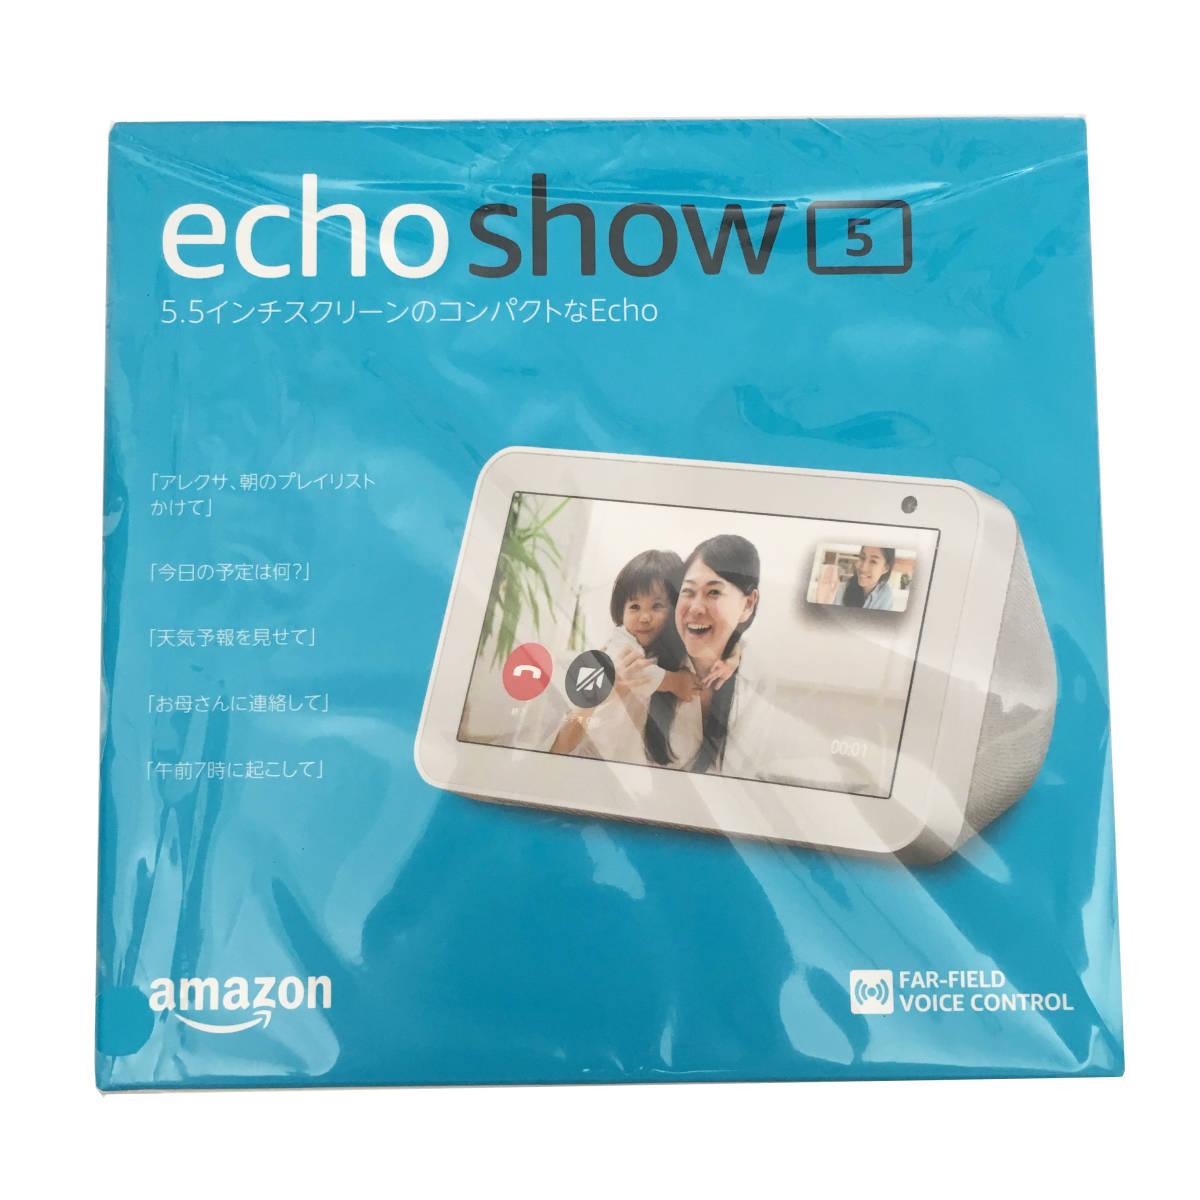 【新品・未開封】 Amazon echo show 5 Alexa 対応 スマートスピーカー + LinkJapan eRemote mini IoT リモコン セット IFTTT対応_画像2